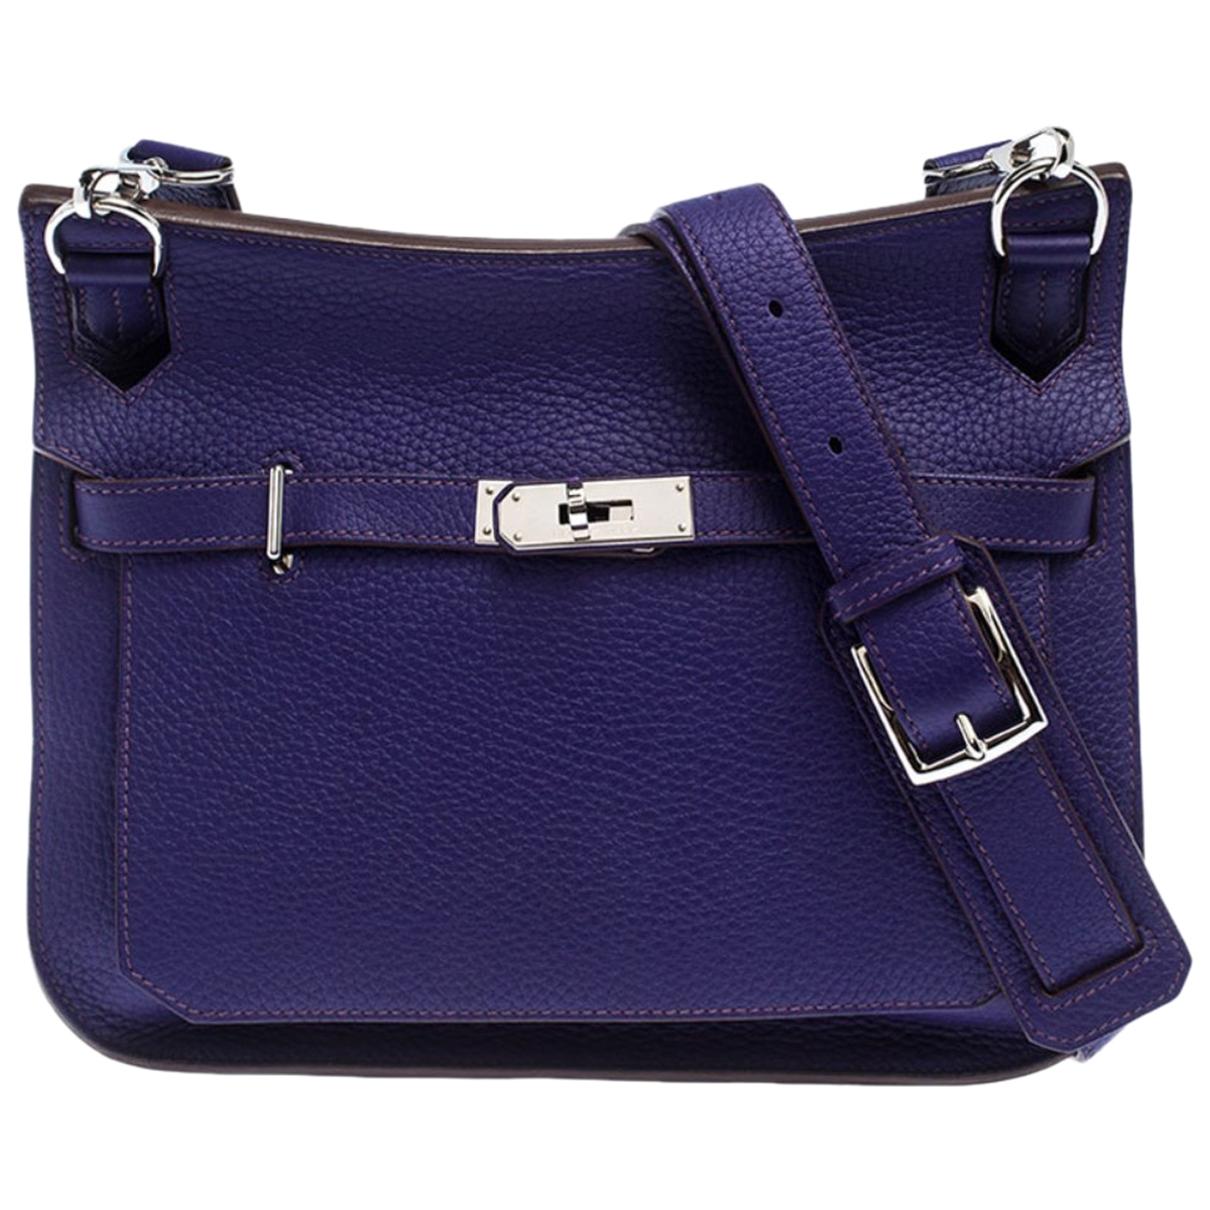 Hermes - Sac a main Jypsiere pour femme en cuir - violet